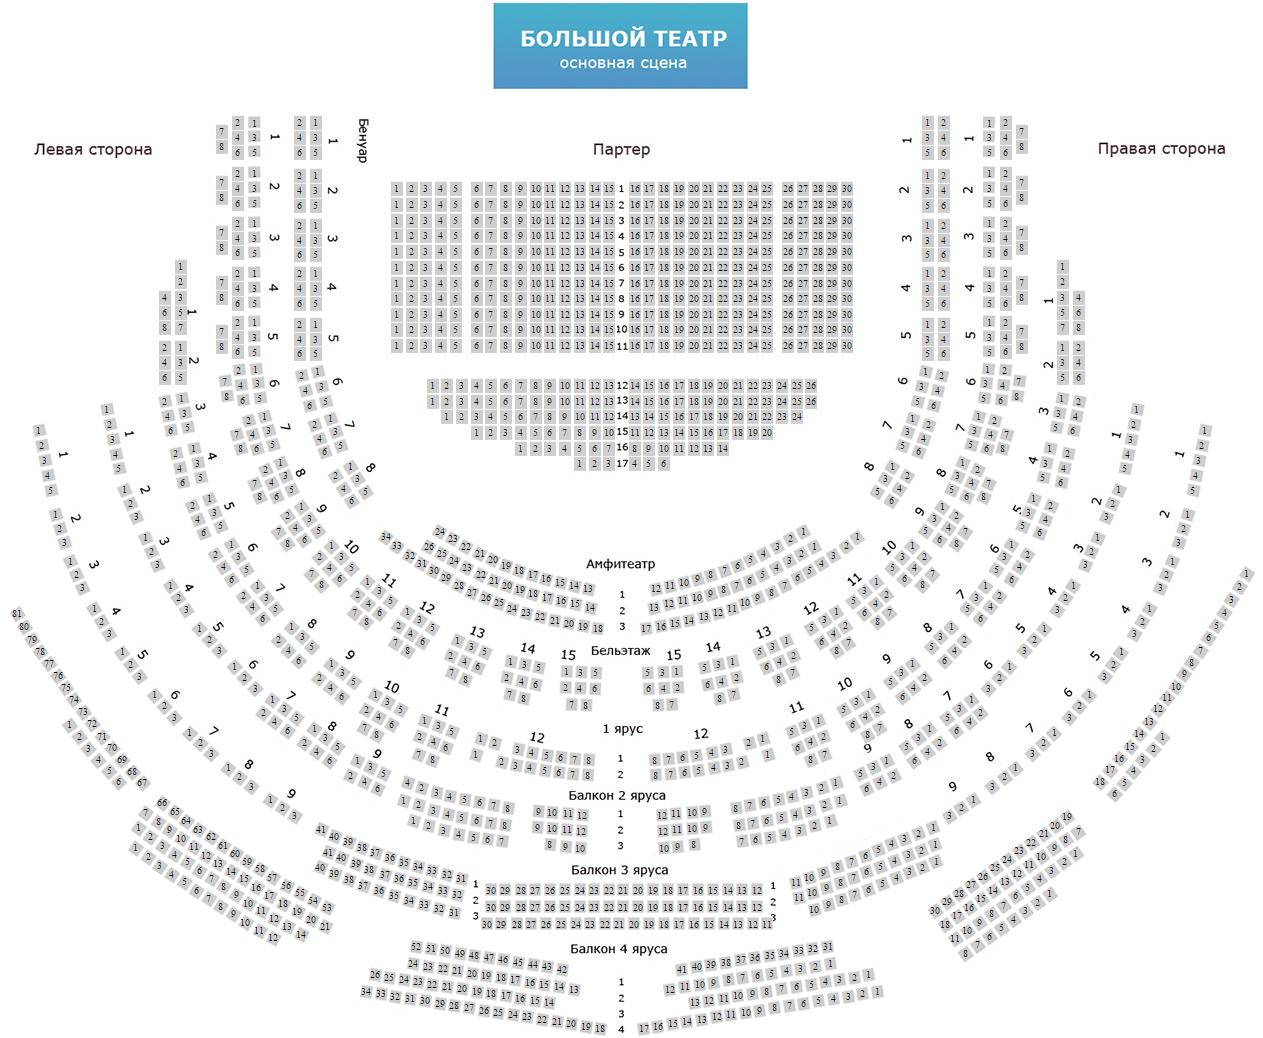 Большой театр схема зала исторической фото 66